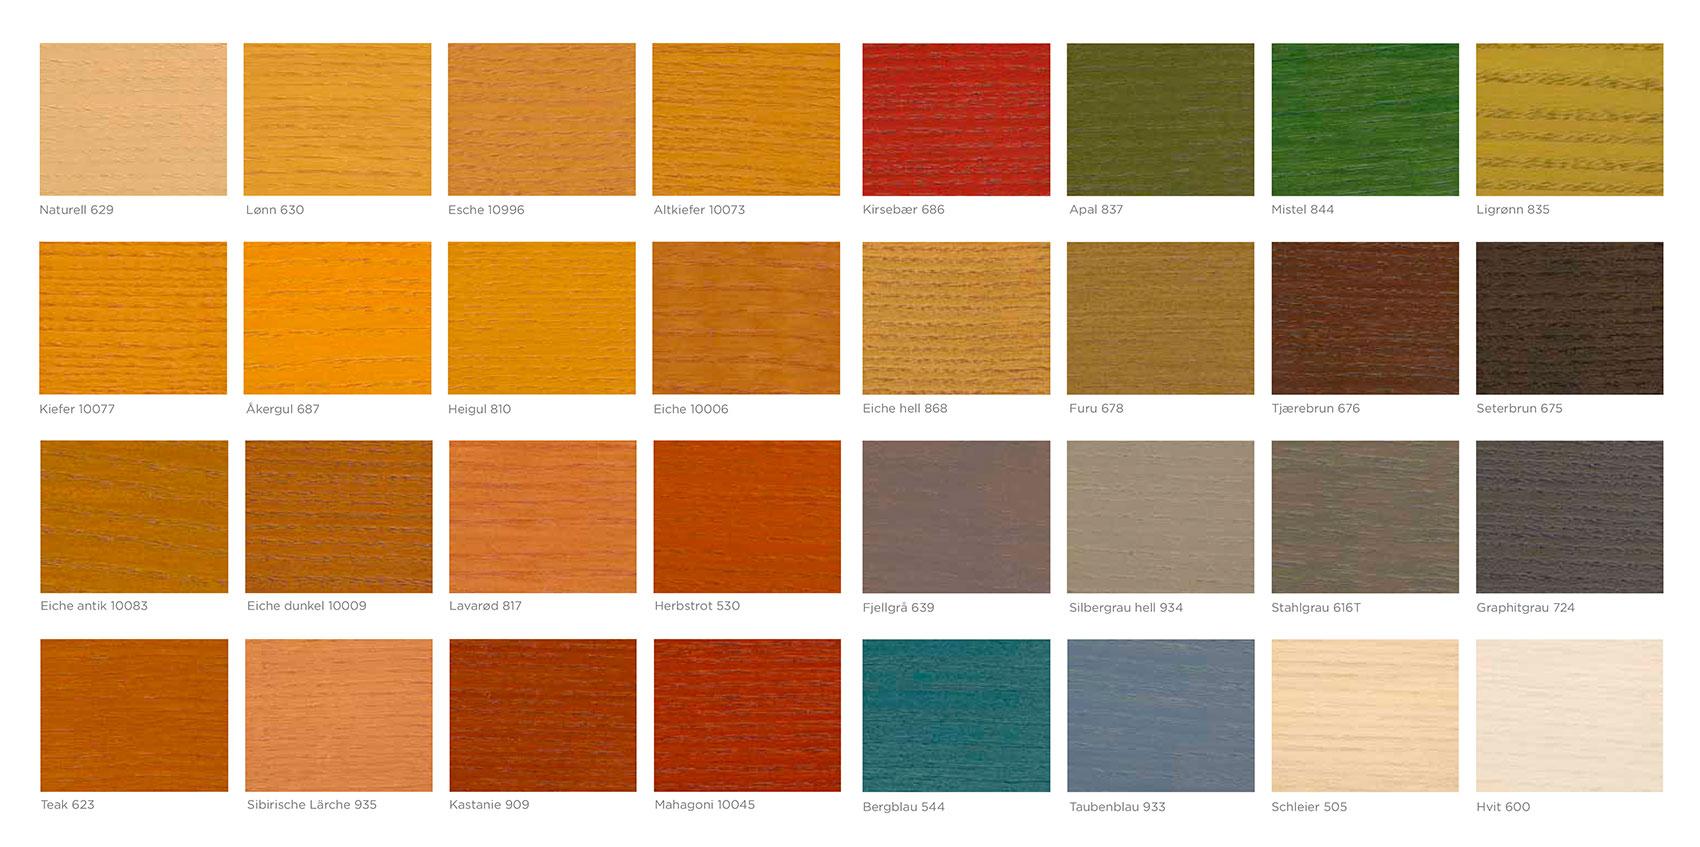 couleurs disponibles pour le saturateur de bois Jotun